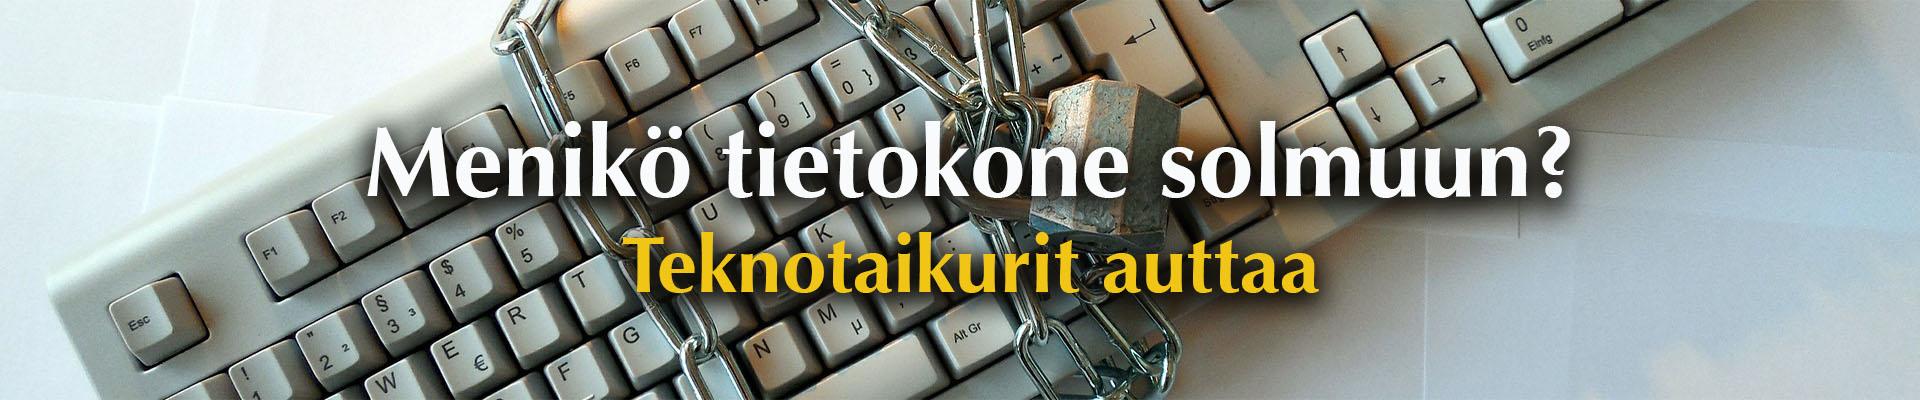 Tietokonehuolto Teknotaikurit - Tampere